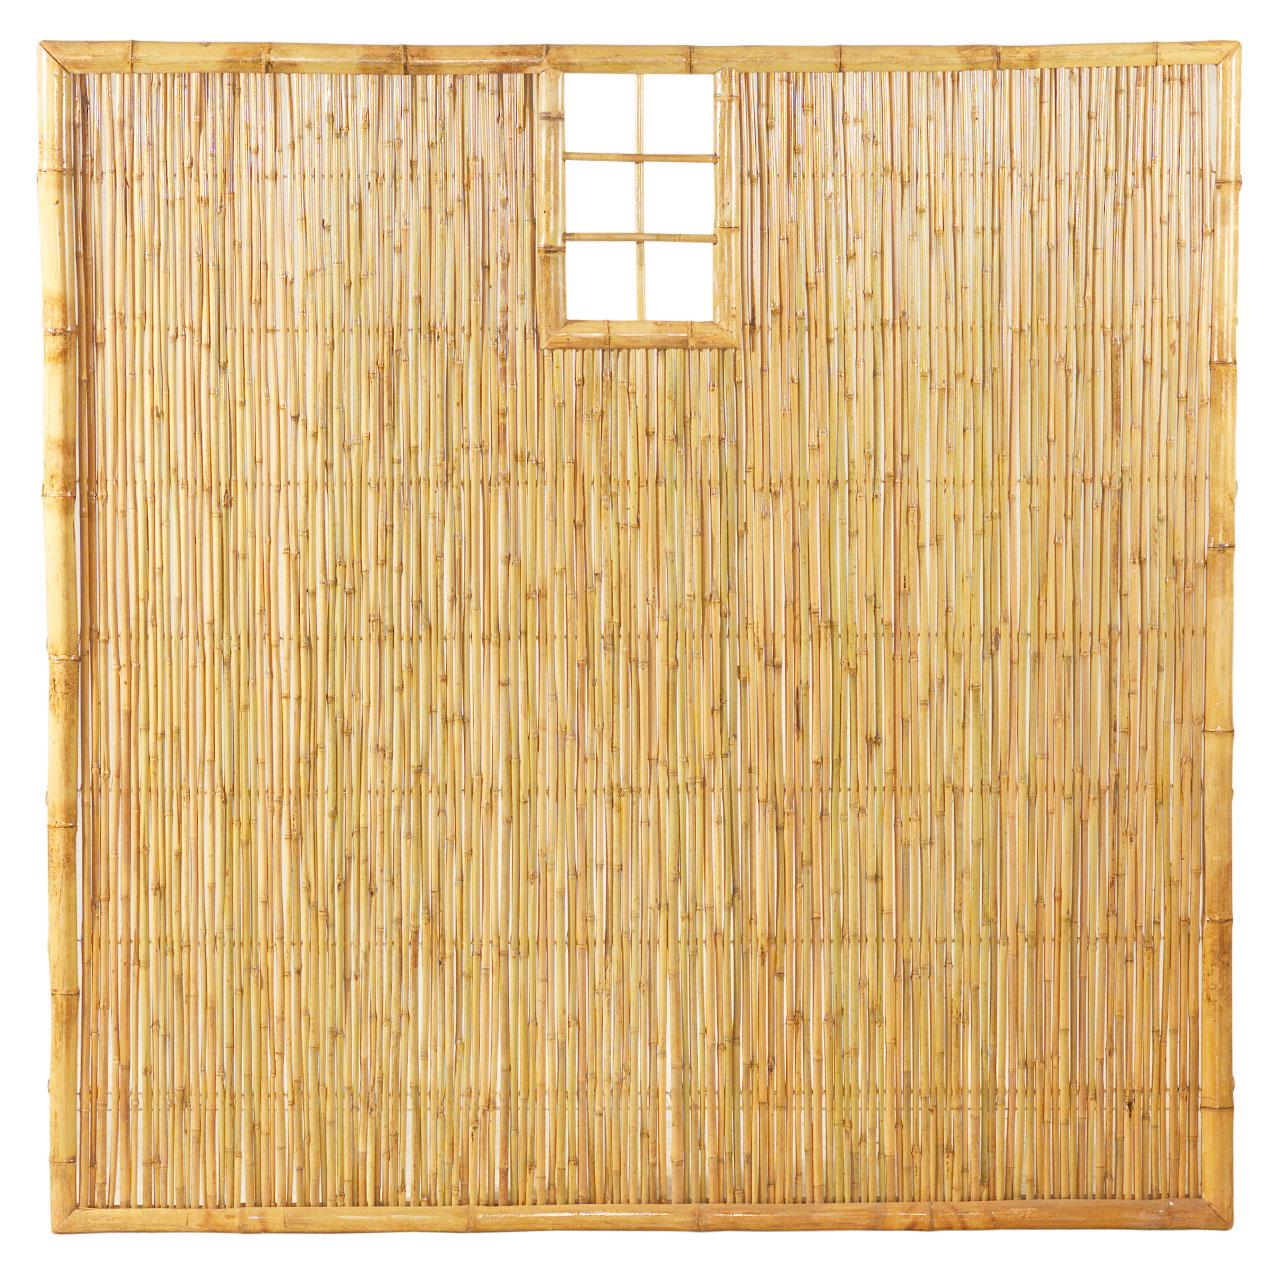 Full Size of Bambus Paravent Garten Bett Ausziehtisch Fussballtor Loungemöbel Holz Holztisch Klappstuhl Sichtschutz Wpc Spielturm Kinderspielturm Spielhaus Fußballtor Wohnzimmer Bambus Paravent Garten